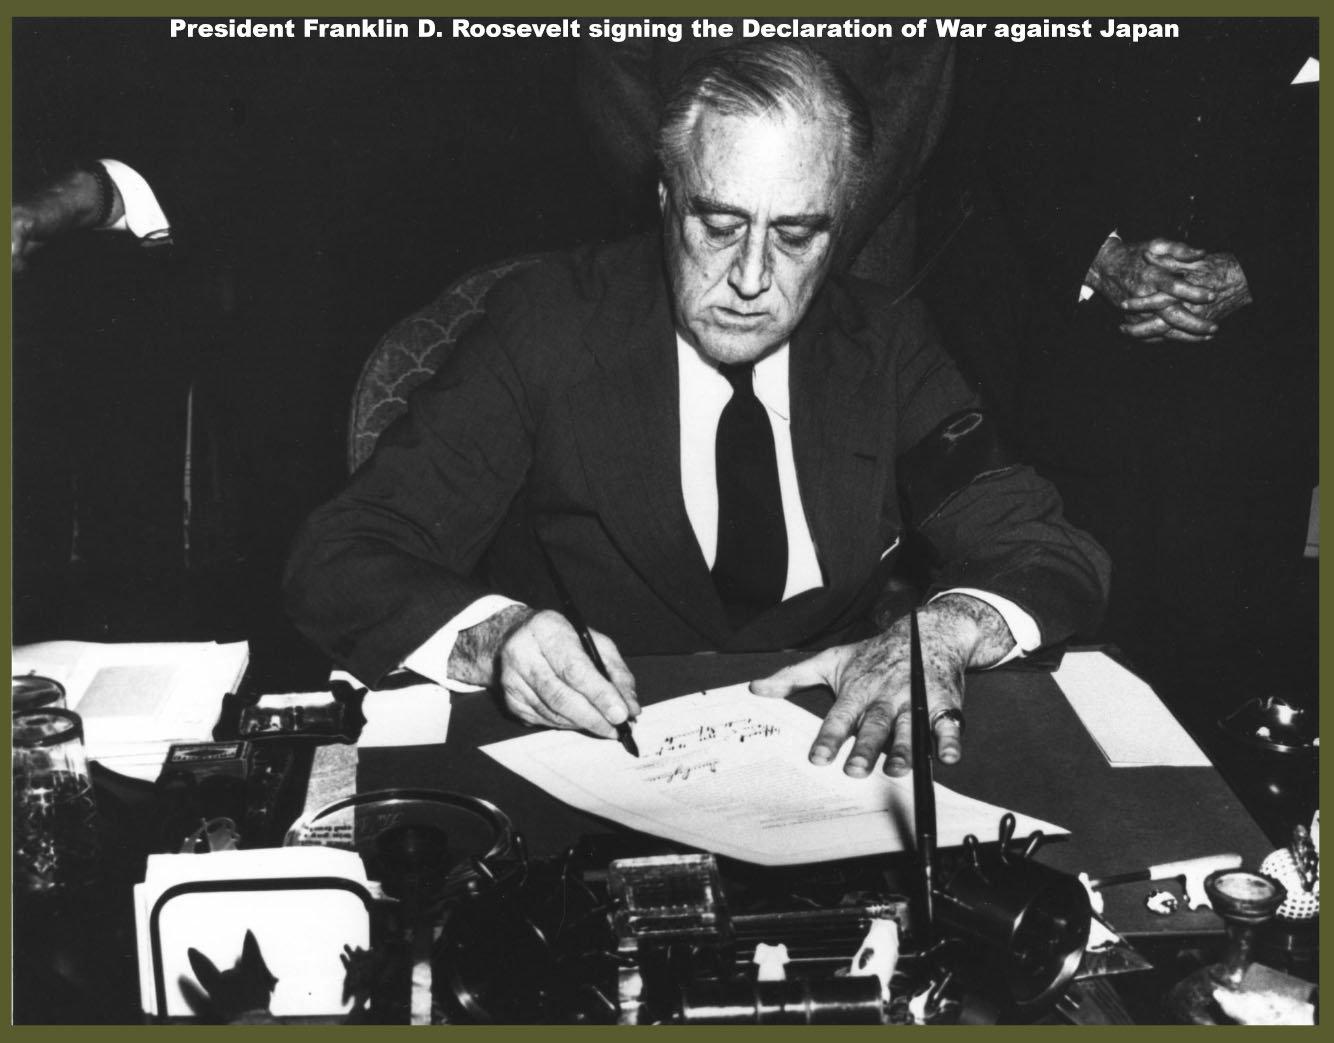 President Franklin D. Roosevelt Signing the Declaration of War Against Japan